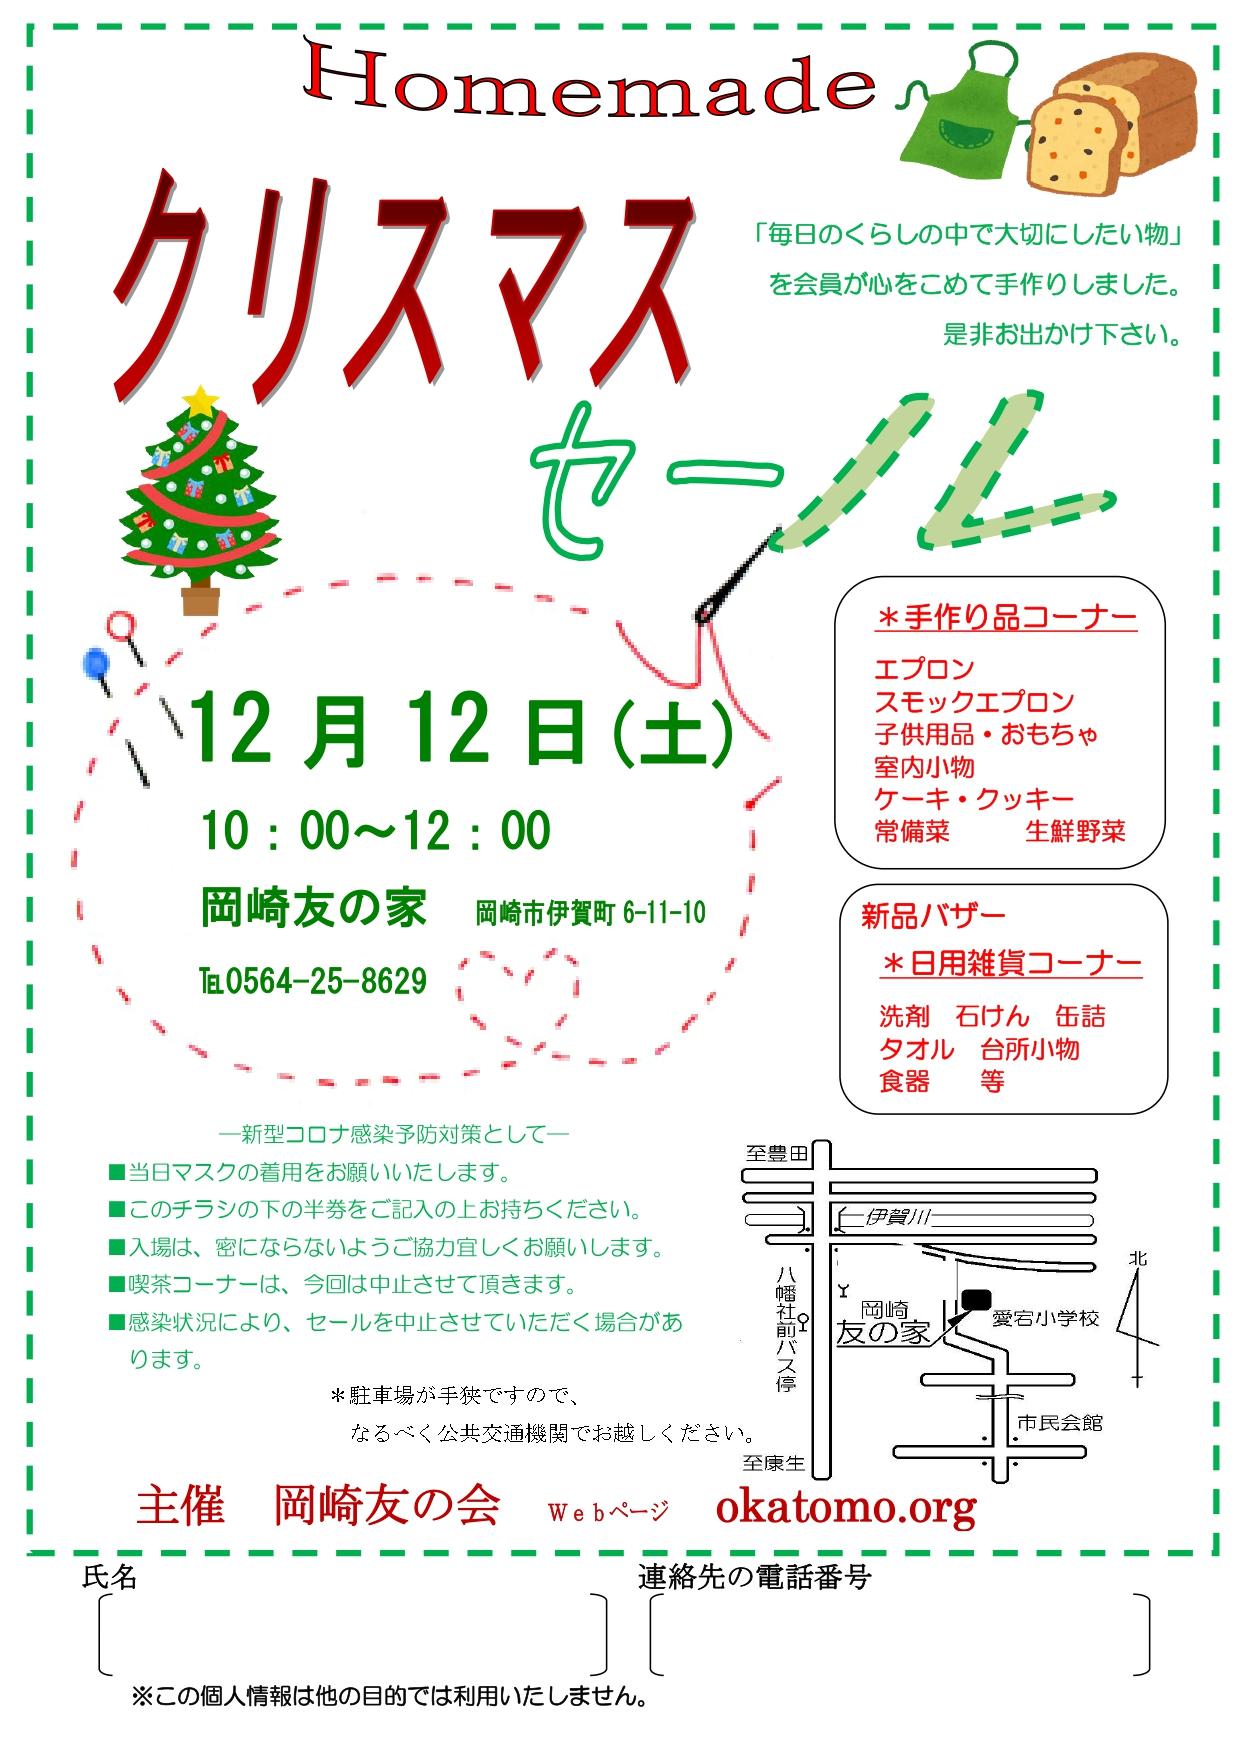 2020 クリスマスセールチラシ  - コピー_page-0001